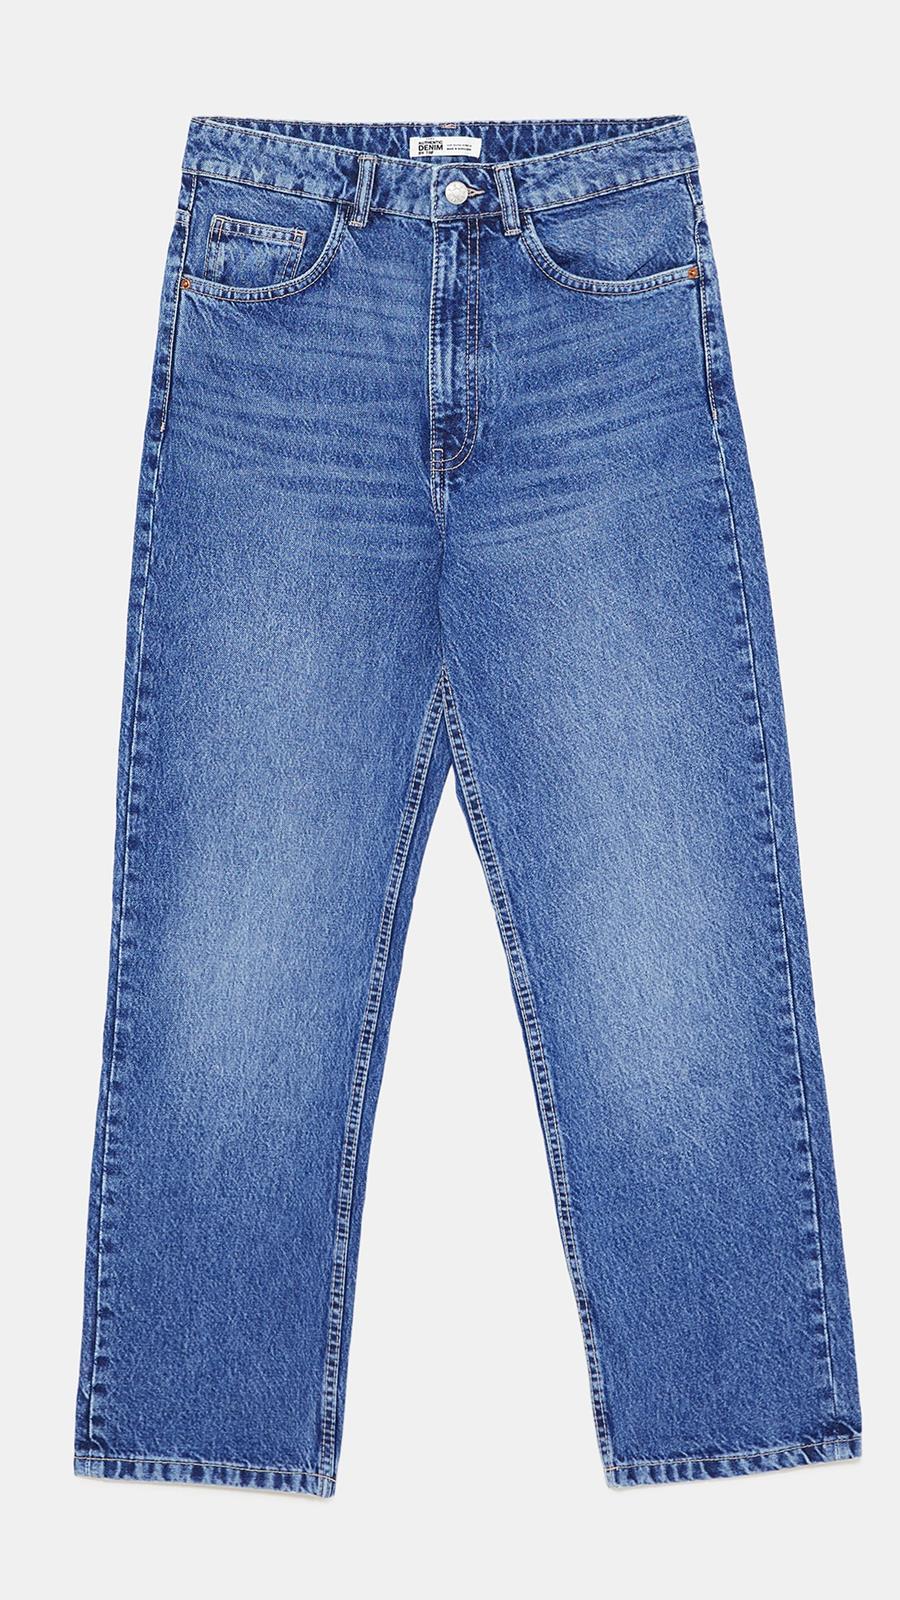 19a10f41de1 Jeans de tiro alto con aspecto rígido de Zara (25